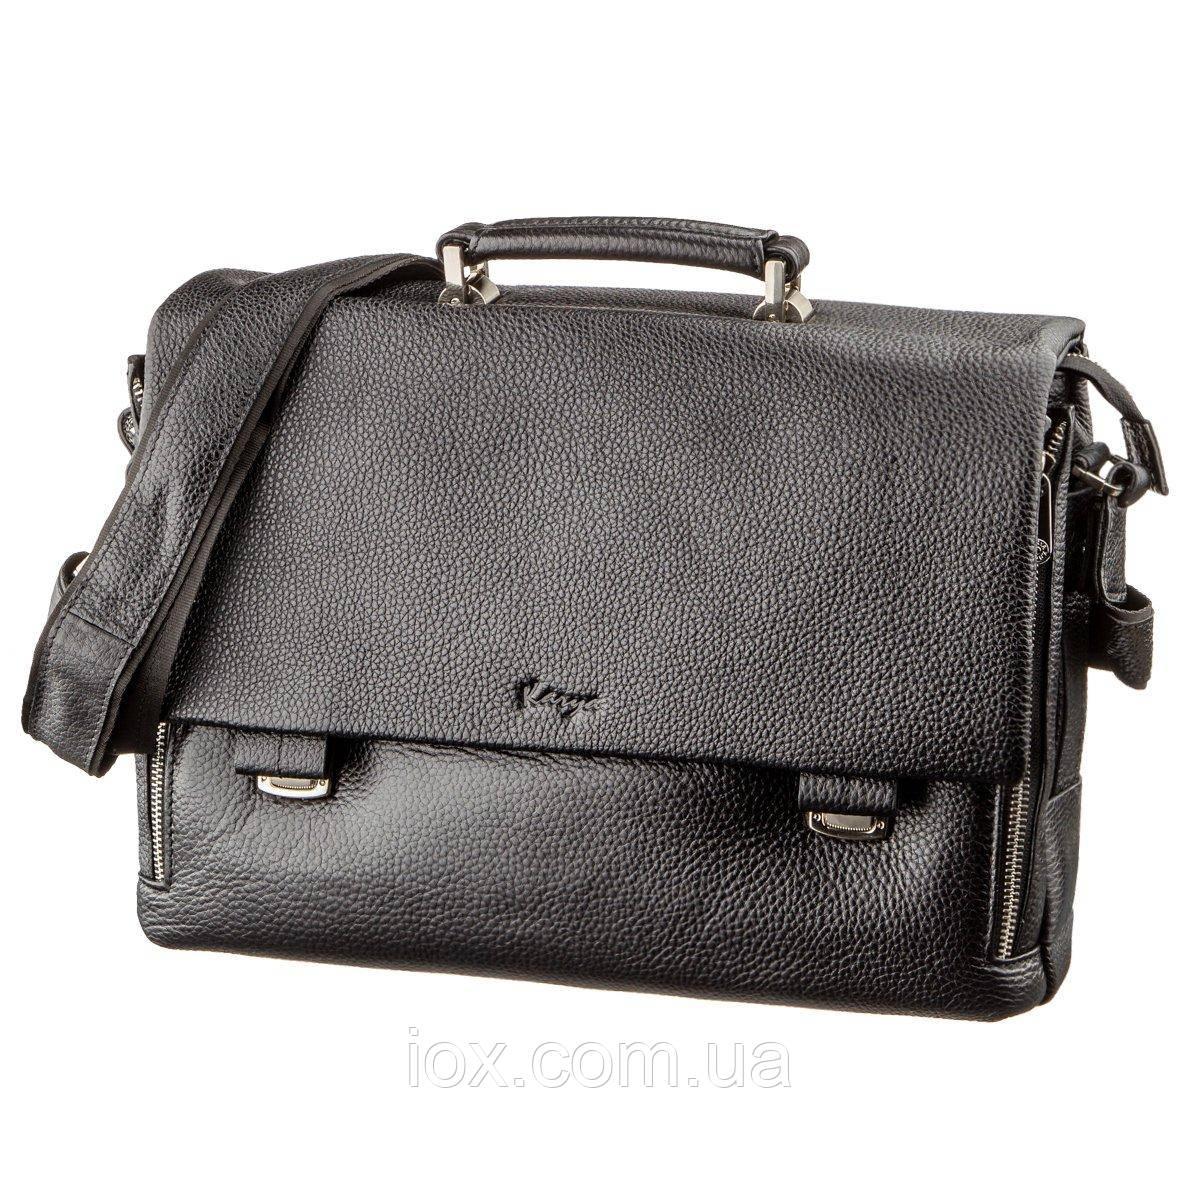 Портфель мужской KARYA 17283 кожаный Черный флотар